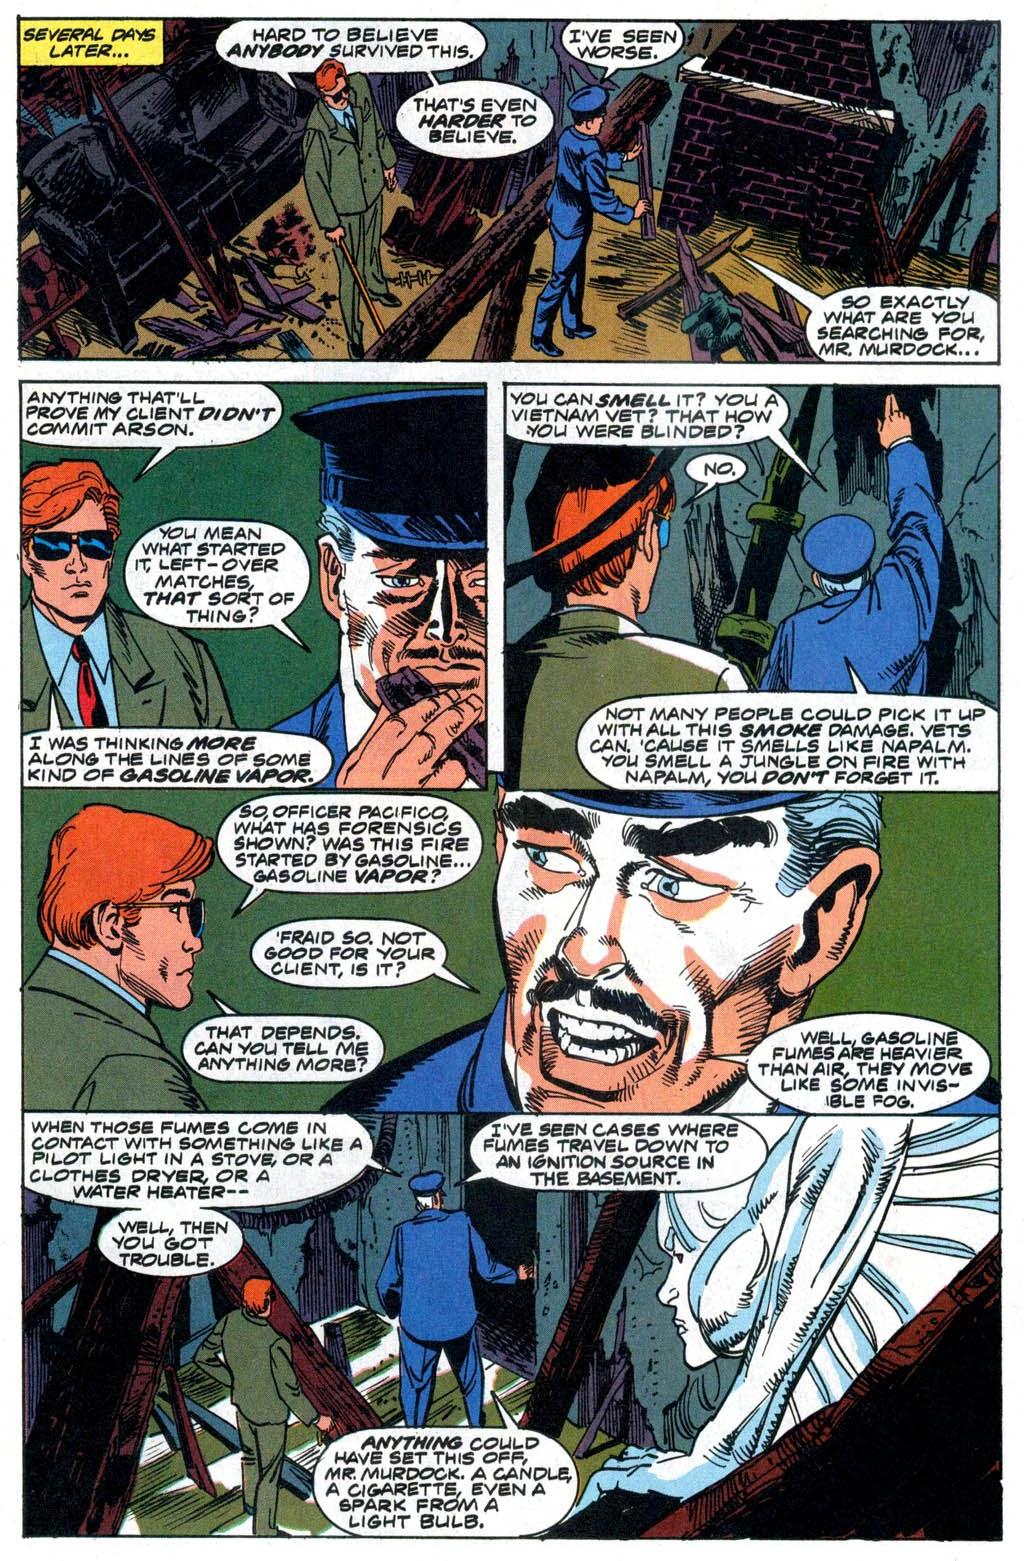 Read online Daredevil vs. Vapora comic -  Issue # Full - 7